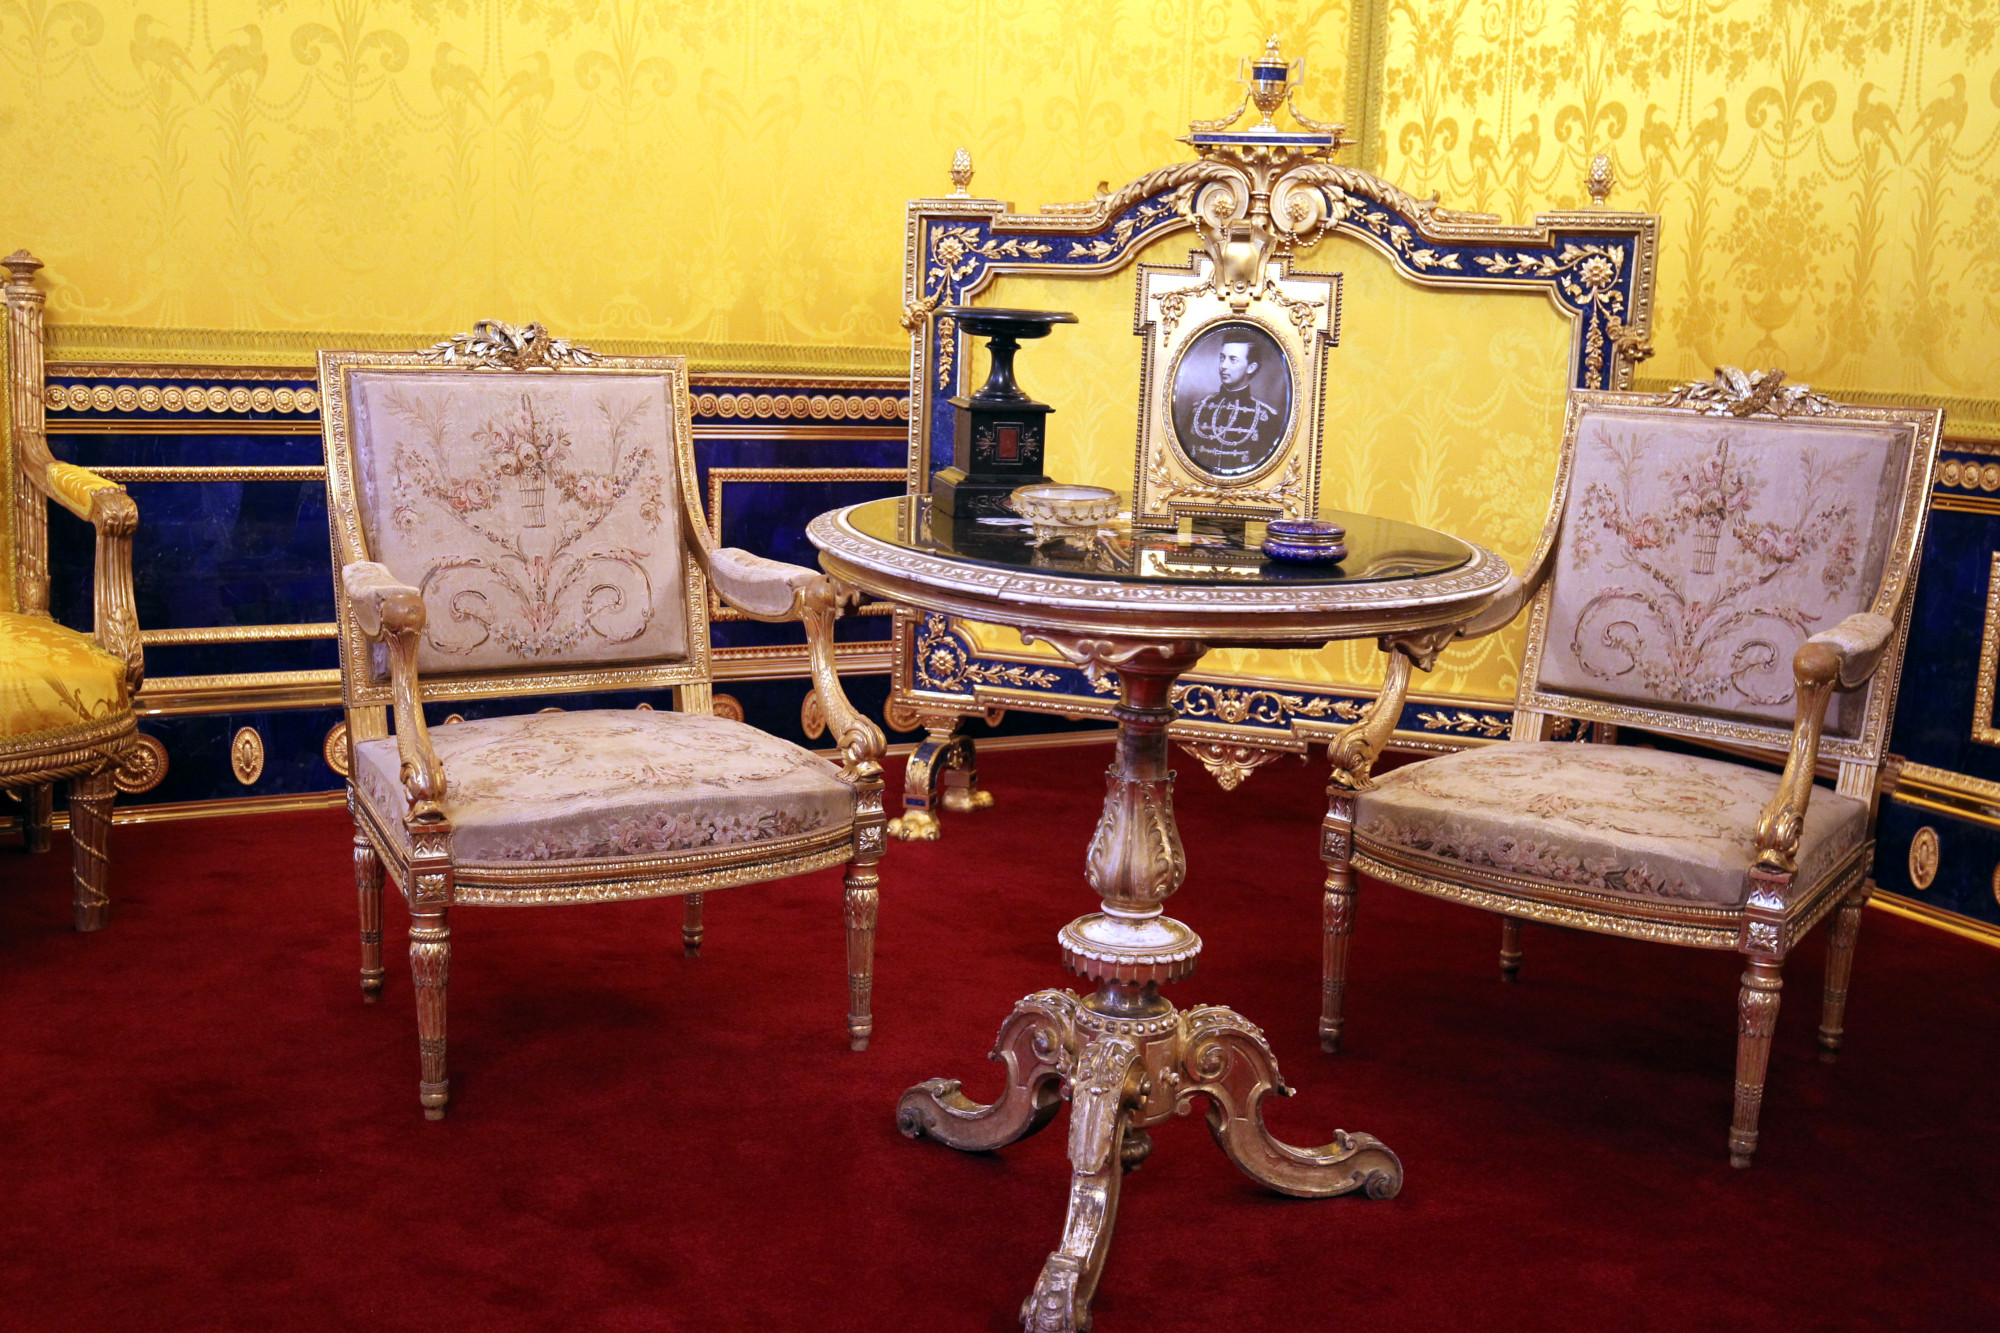 ГМЗ Царское Село Екатерининский дворец Лионский зал реставрация